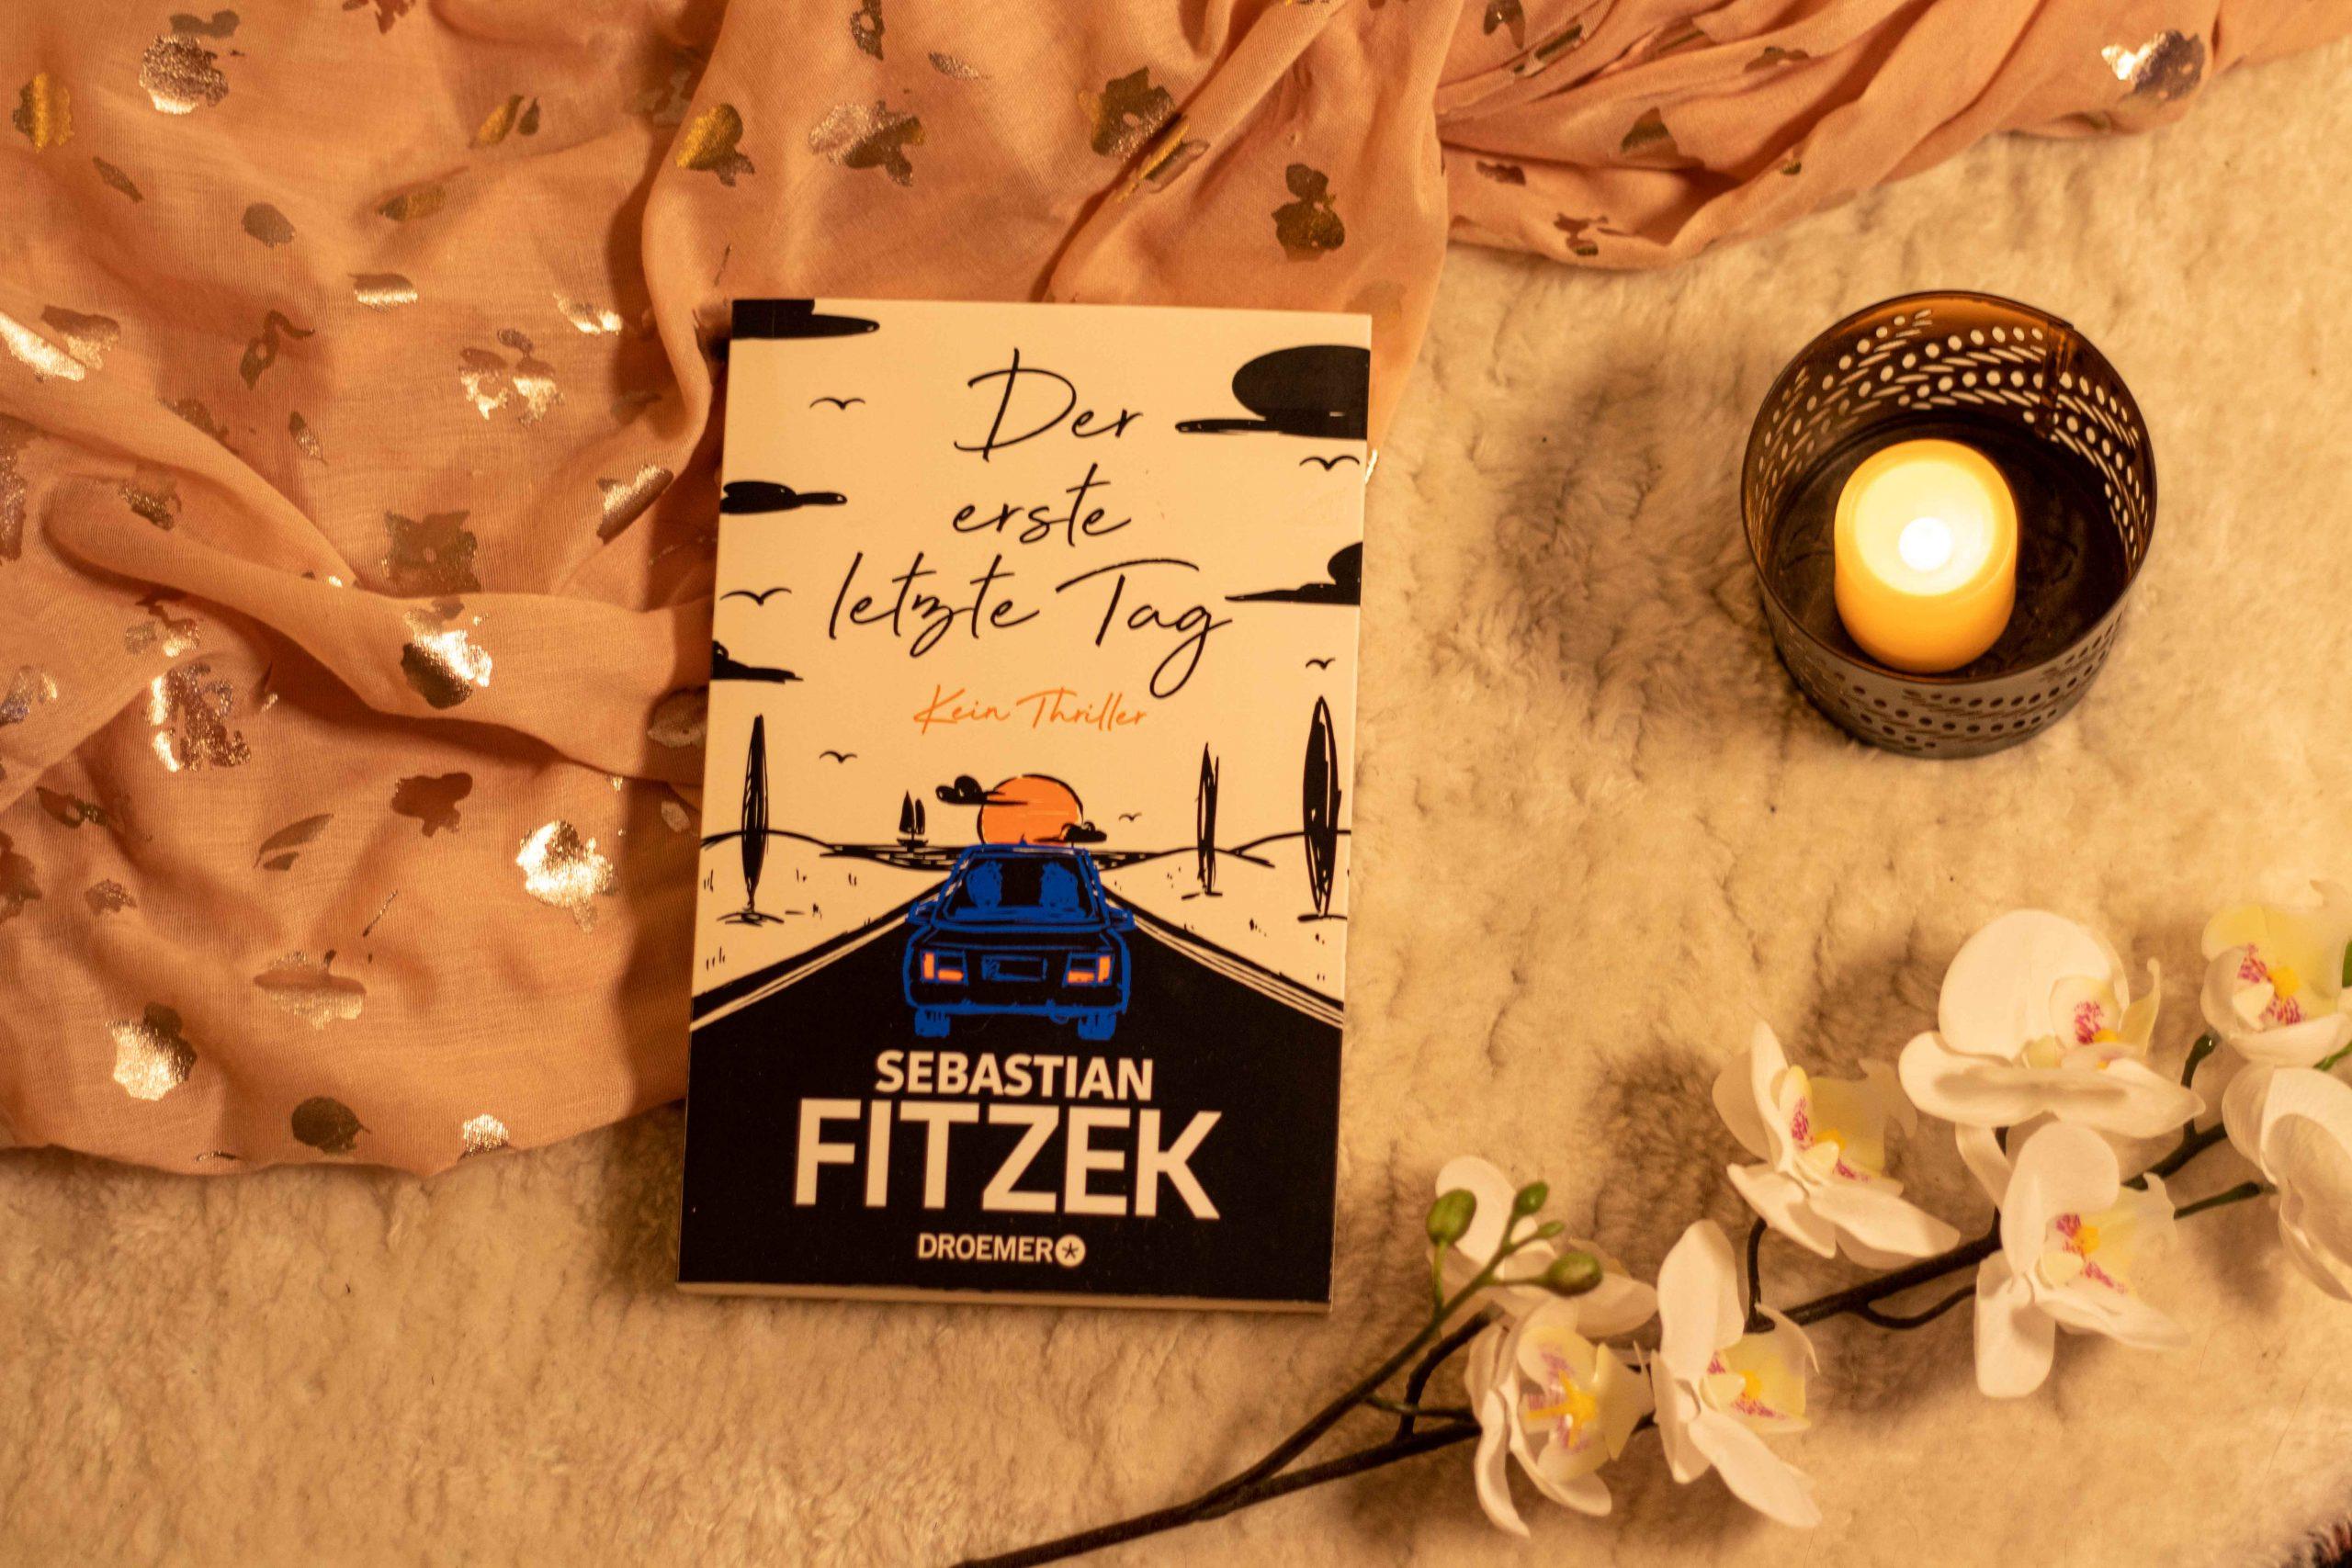 """Buchcover """"Der erste letzte Tag"""" von Sebastian Fitzek"""